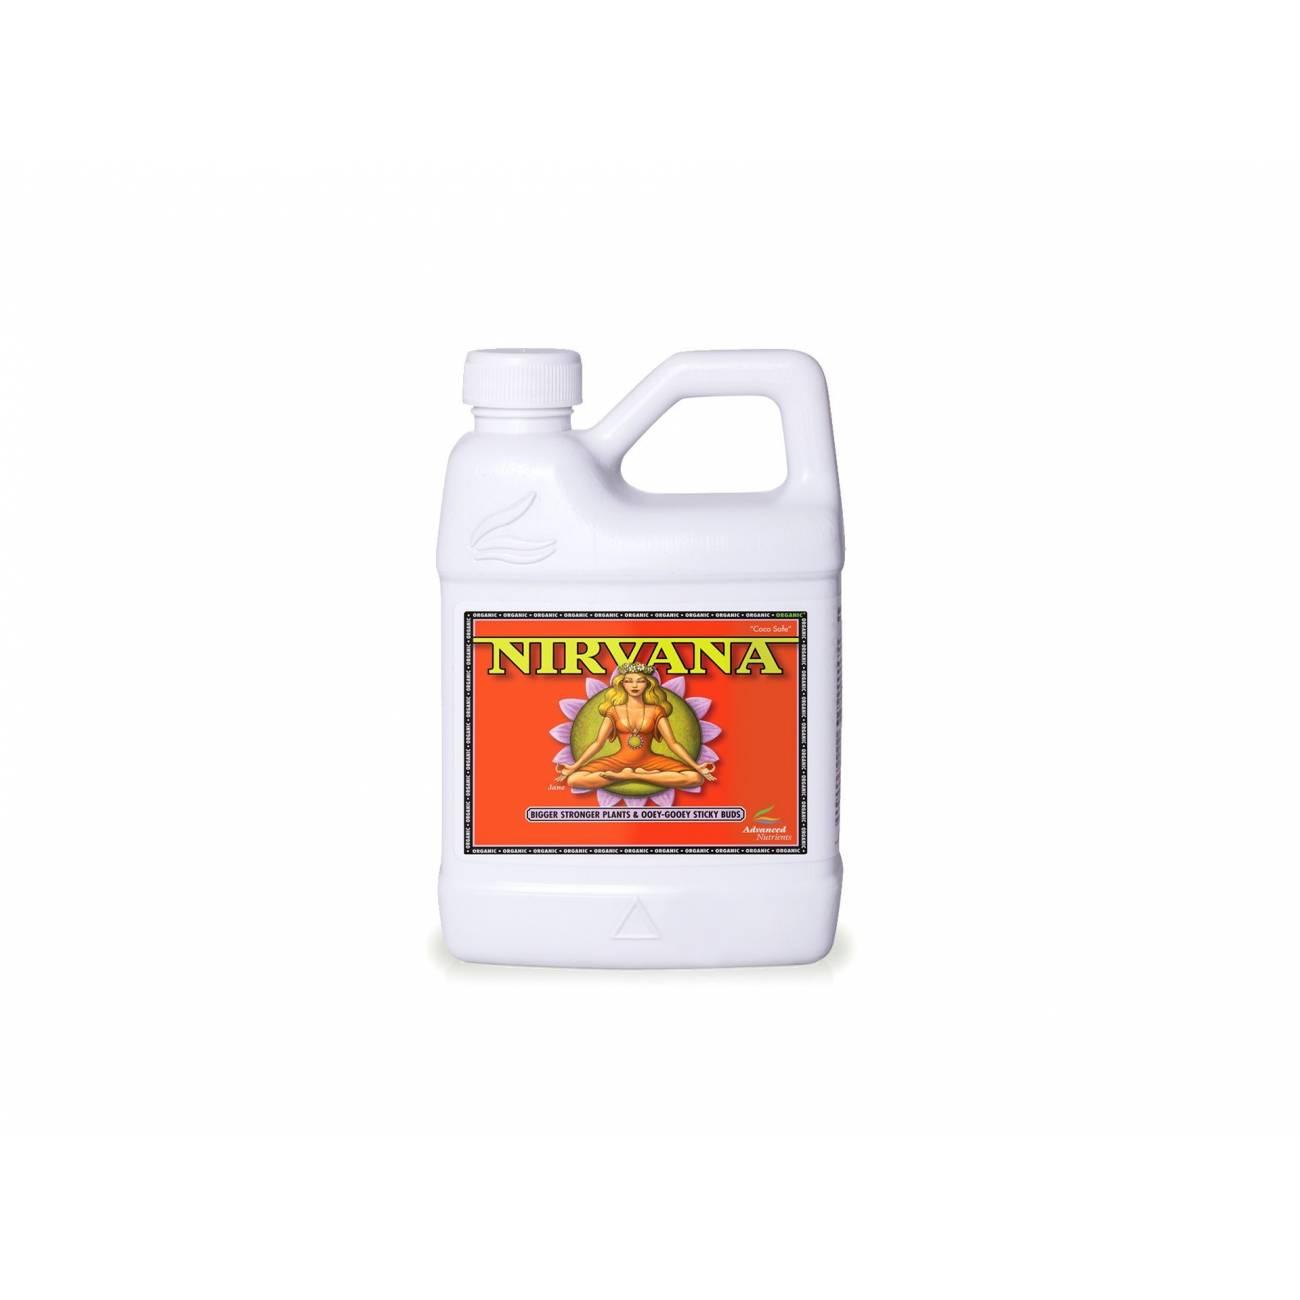 Nirvana (250mL/500mL)